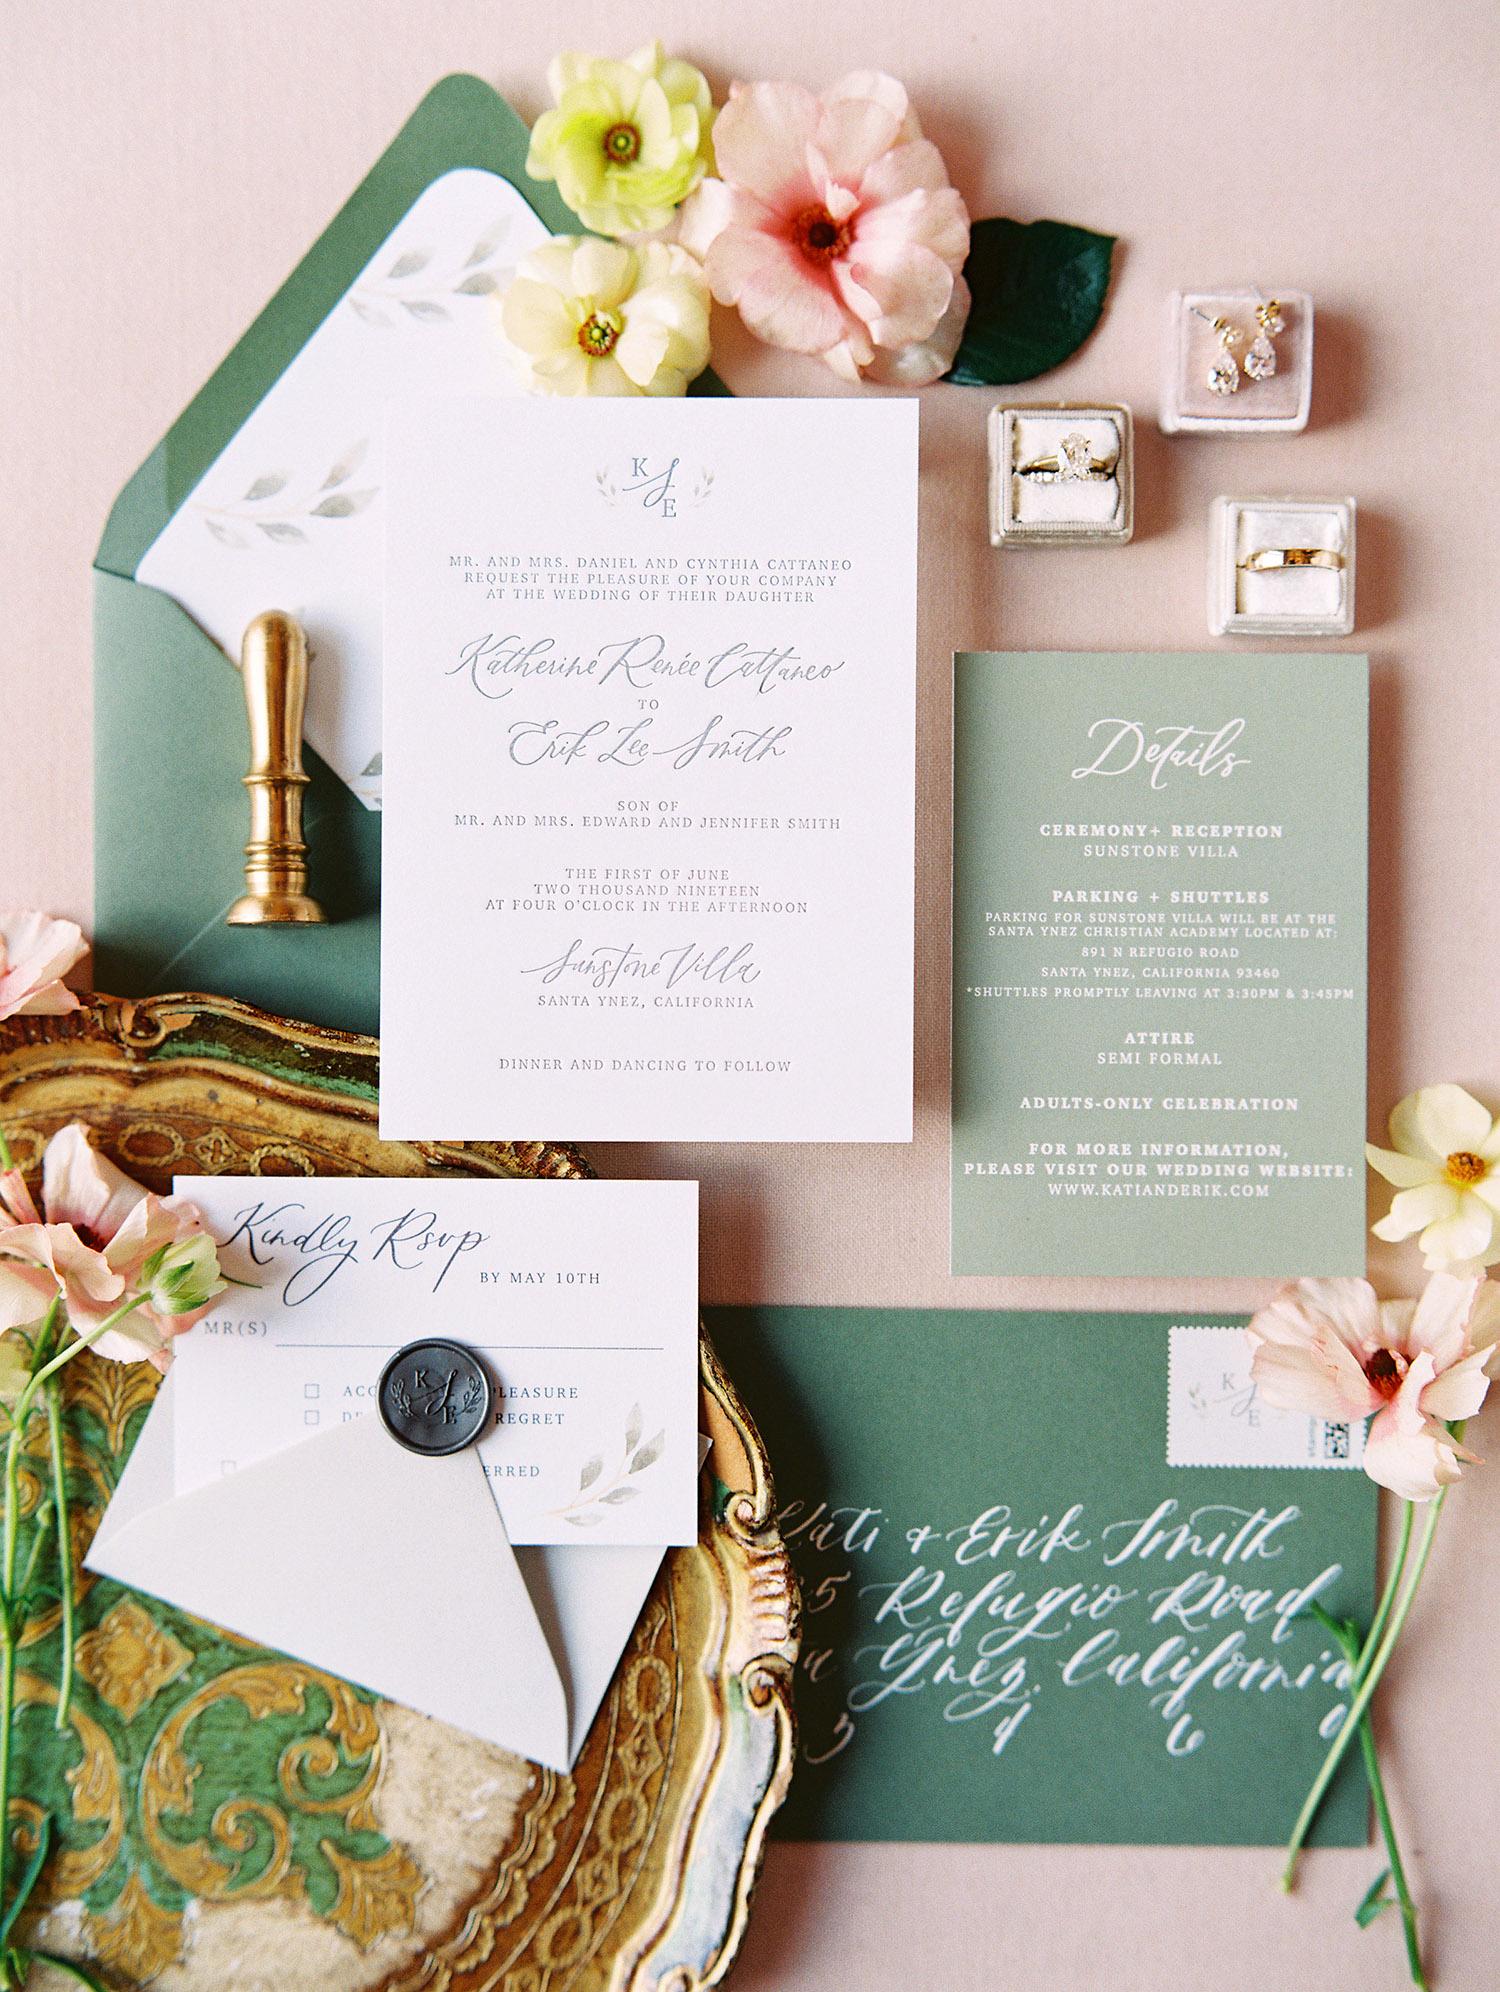 kati erik wedding invitations stationery suite